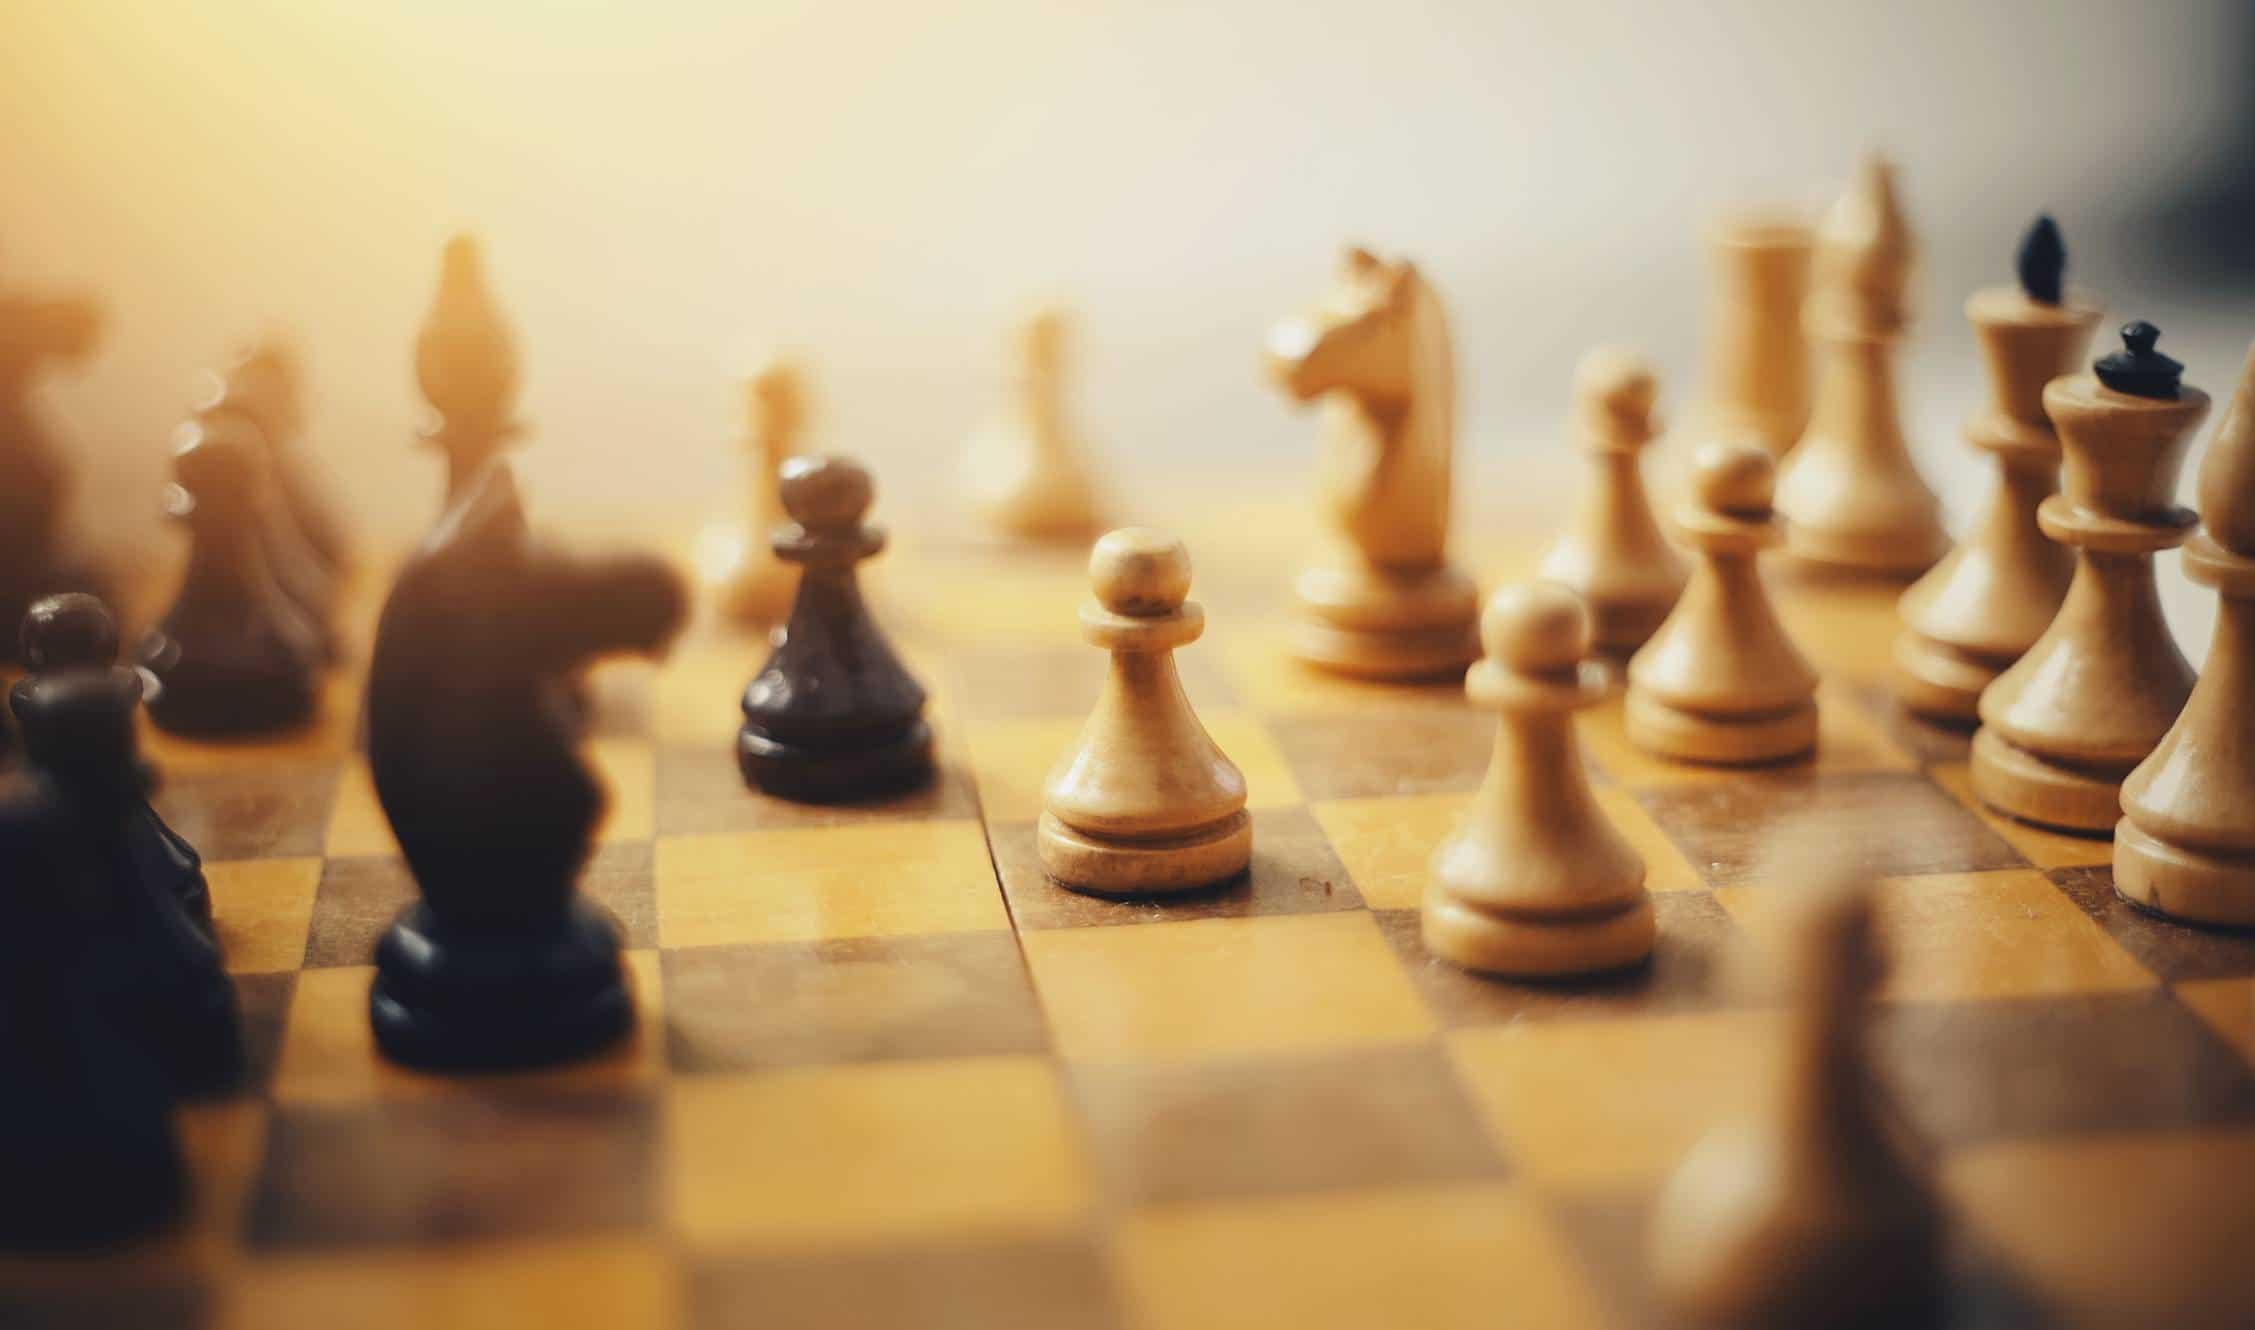 informations quelques mythique echecs tous - Échecs : quelques informations sur le jeu le plus mythique de tous